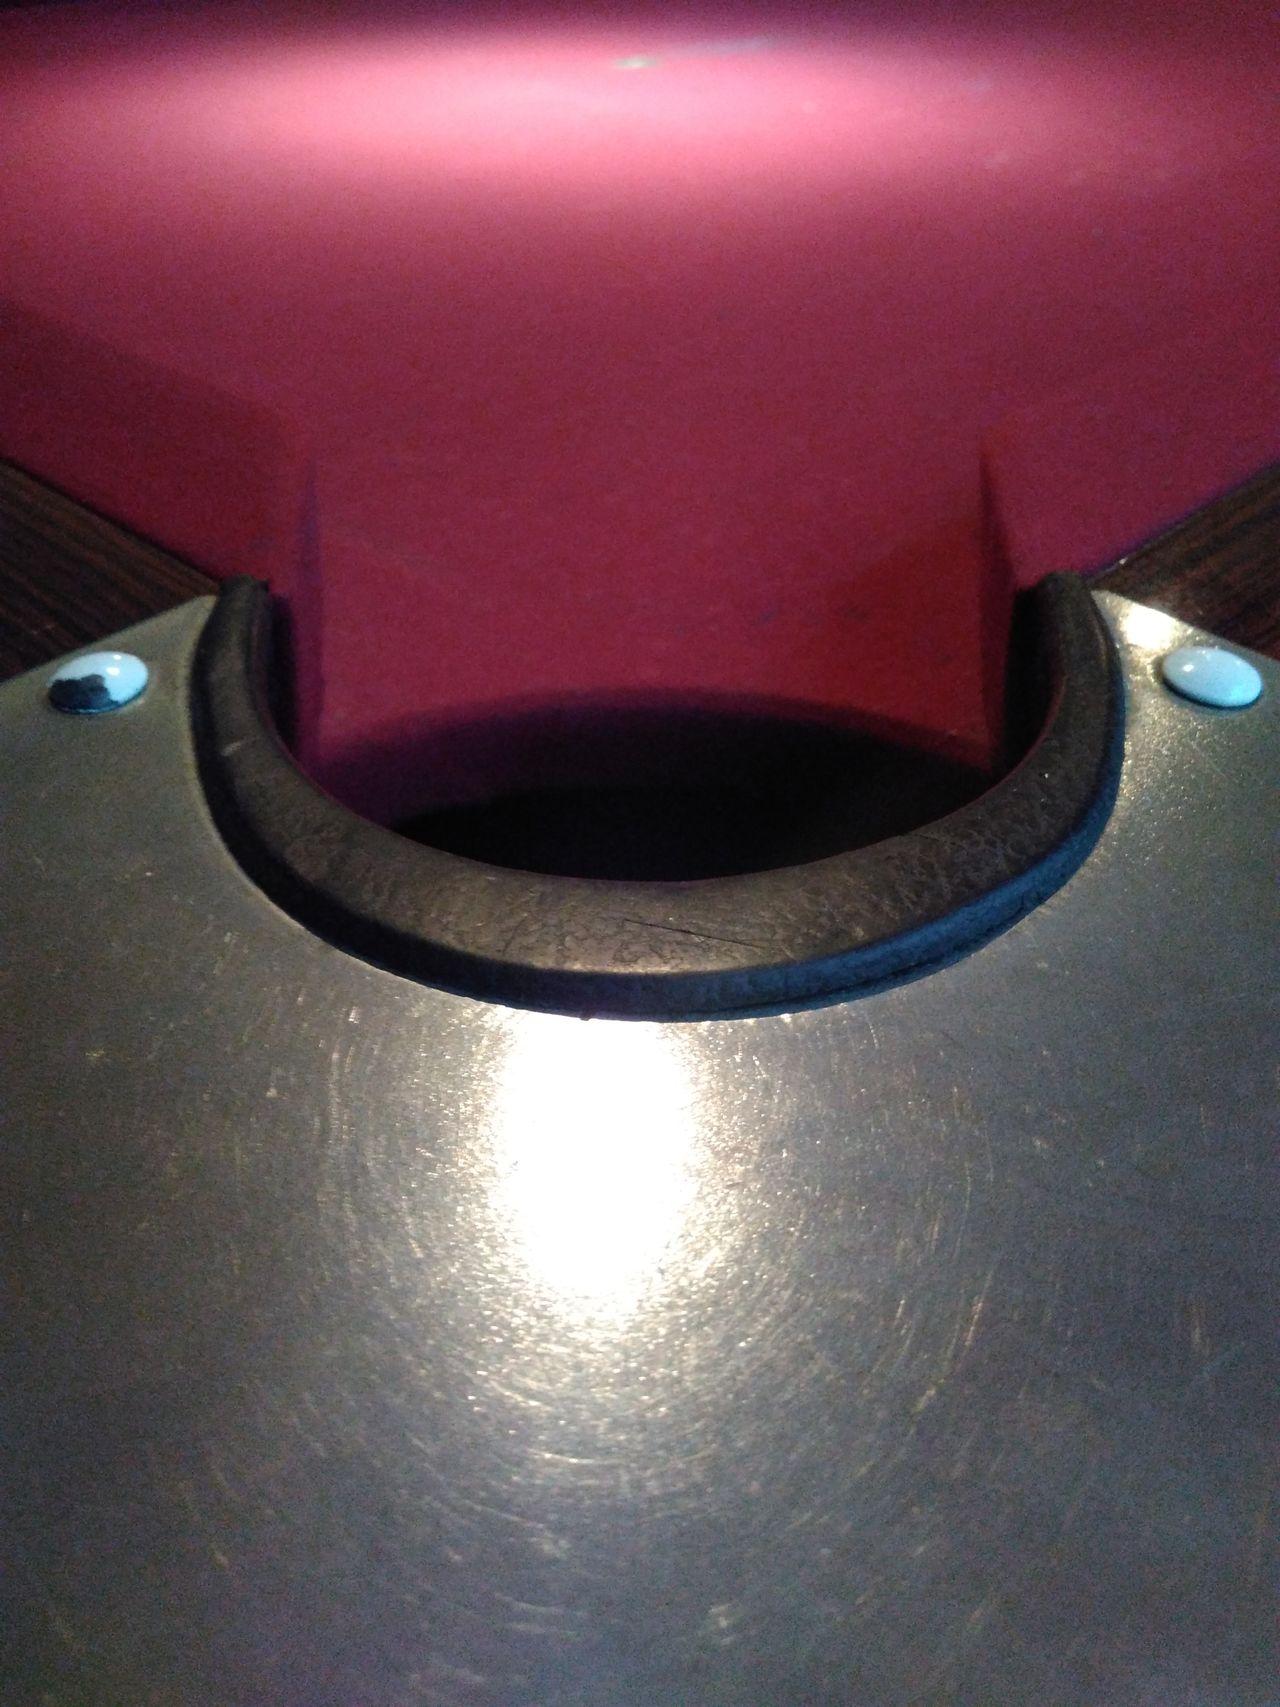 Indoors  Table Tisch Billard Table Billard Red Background Rot Red Loch  Hole